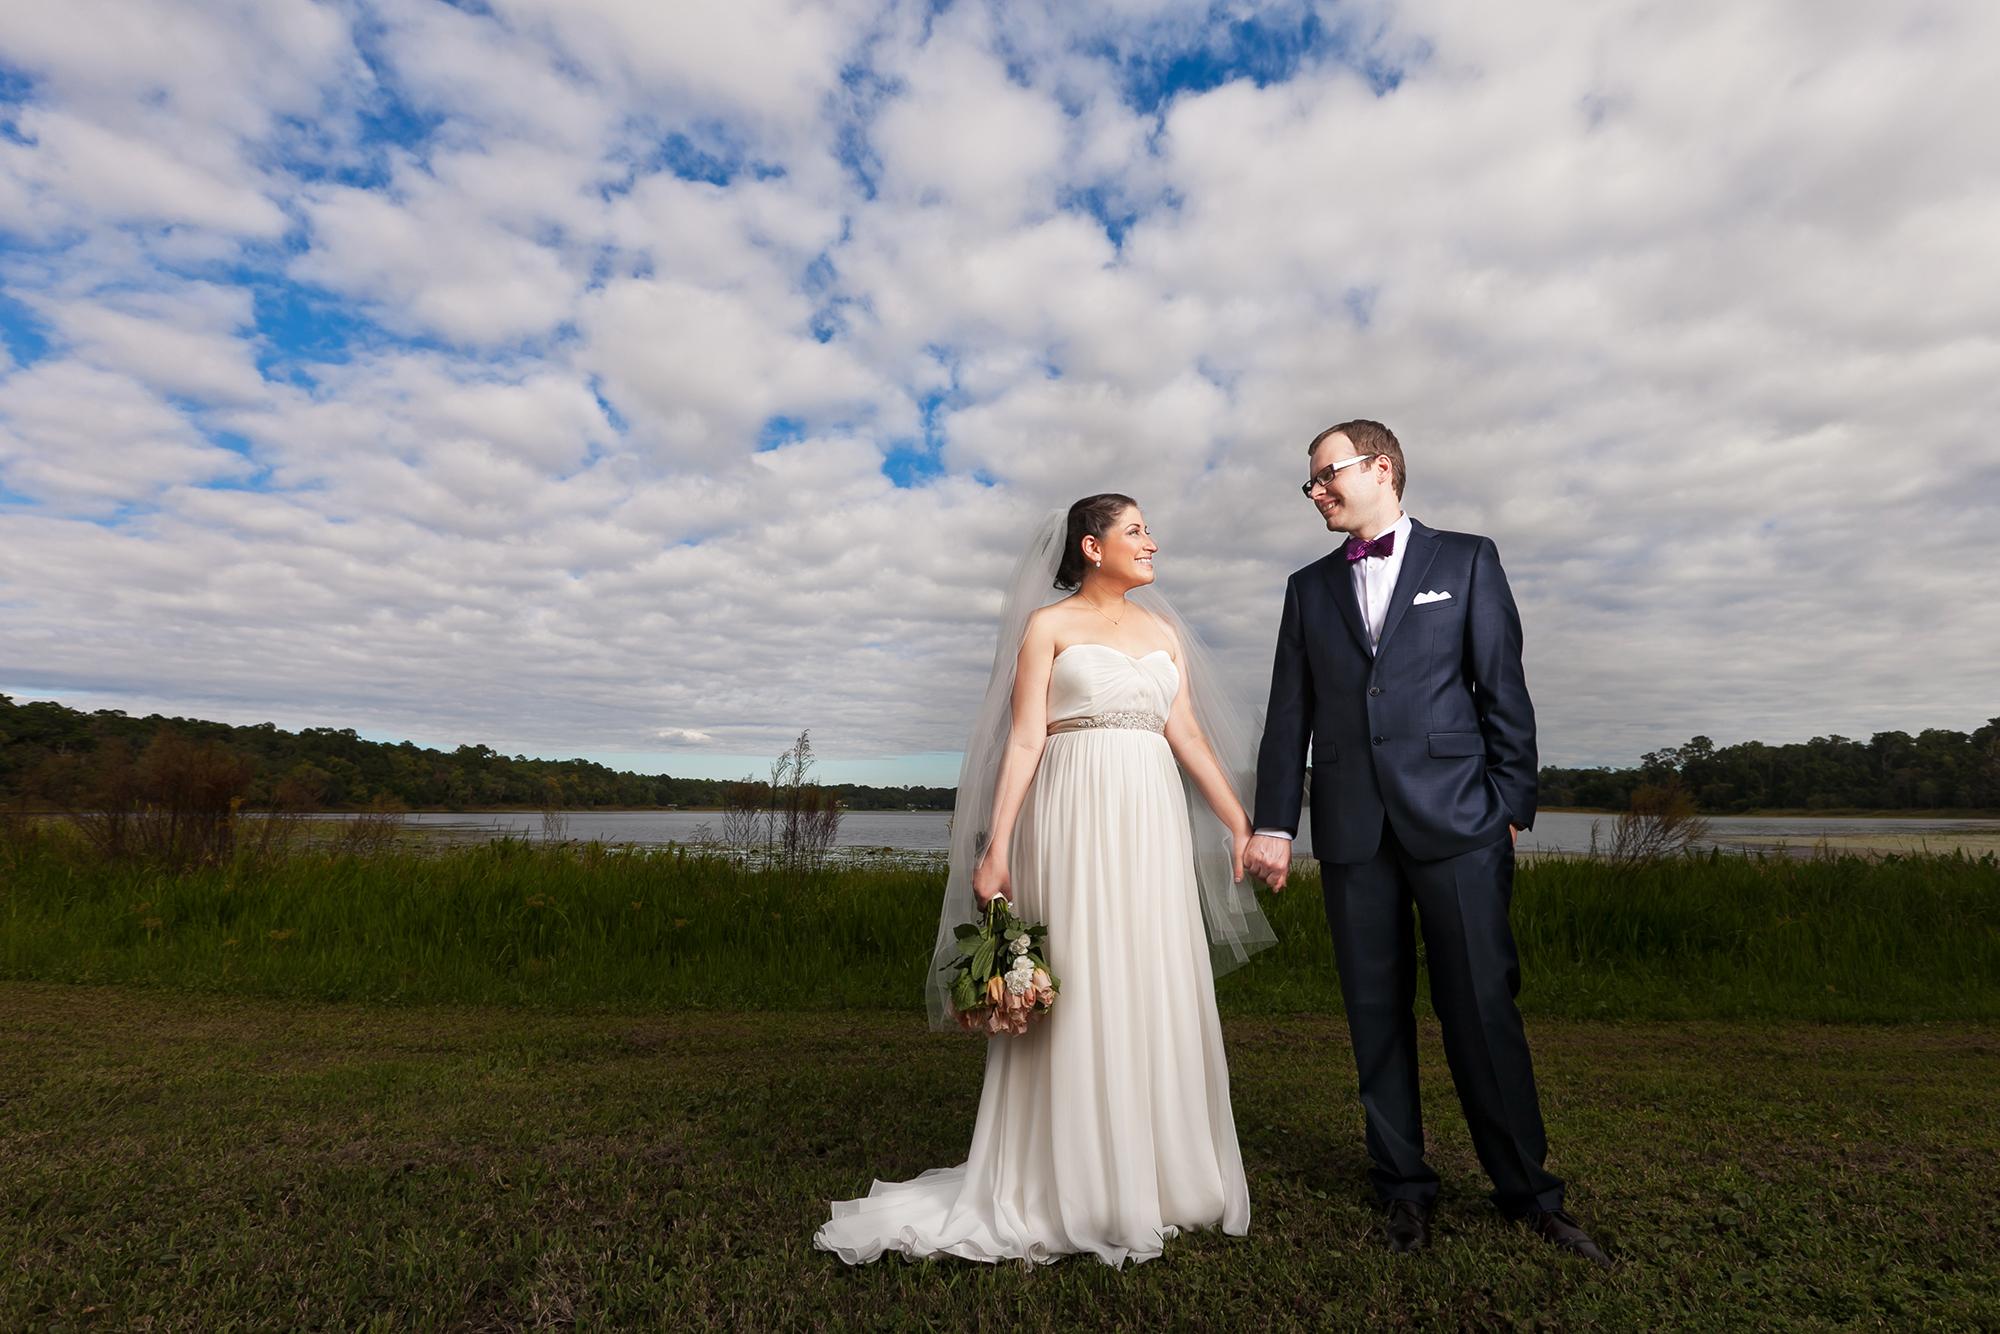 adam-szarmack-weddings-bride-groom-marsh.jpg